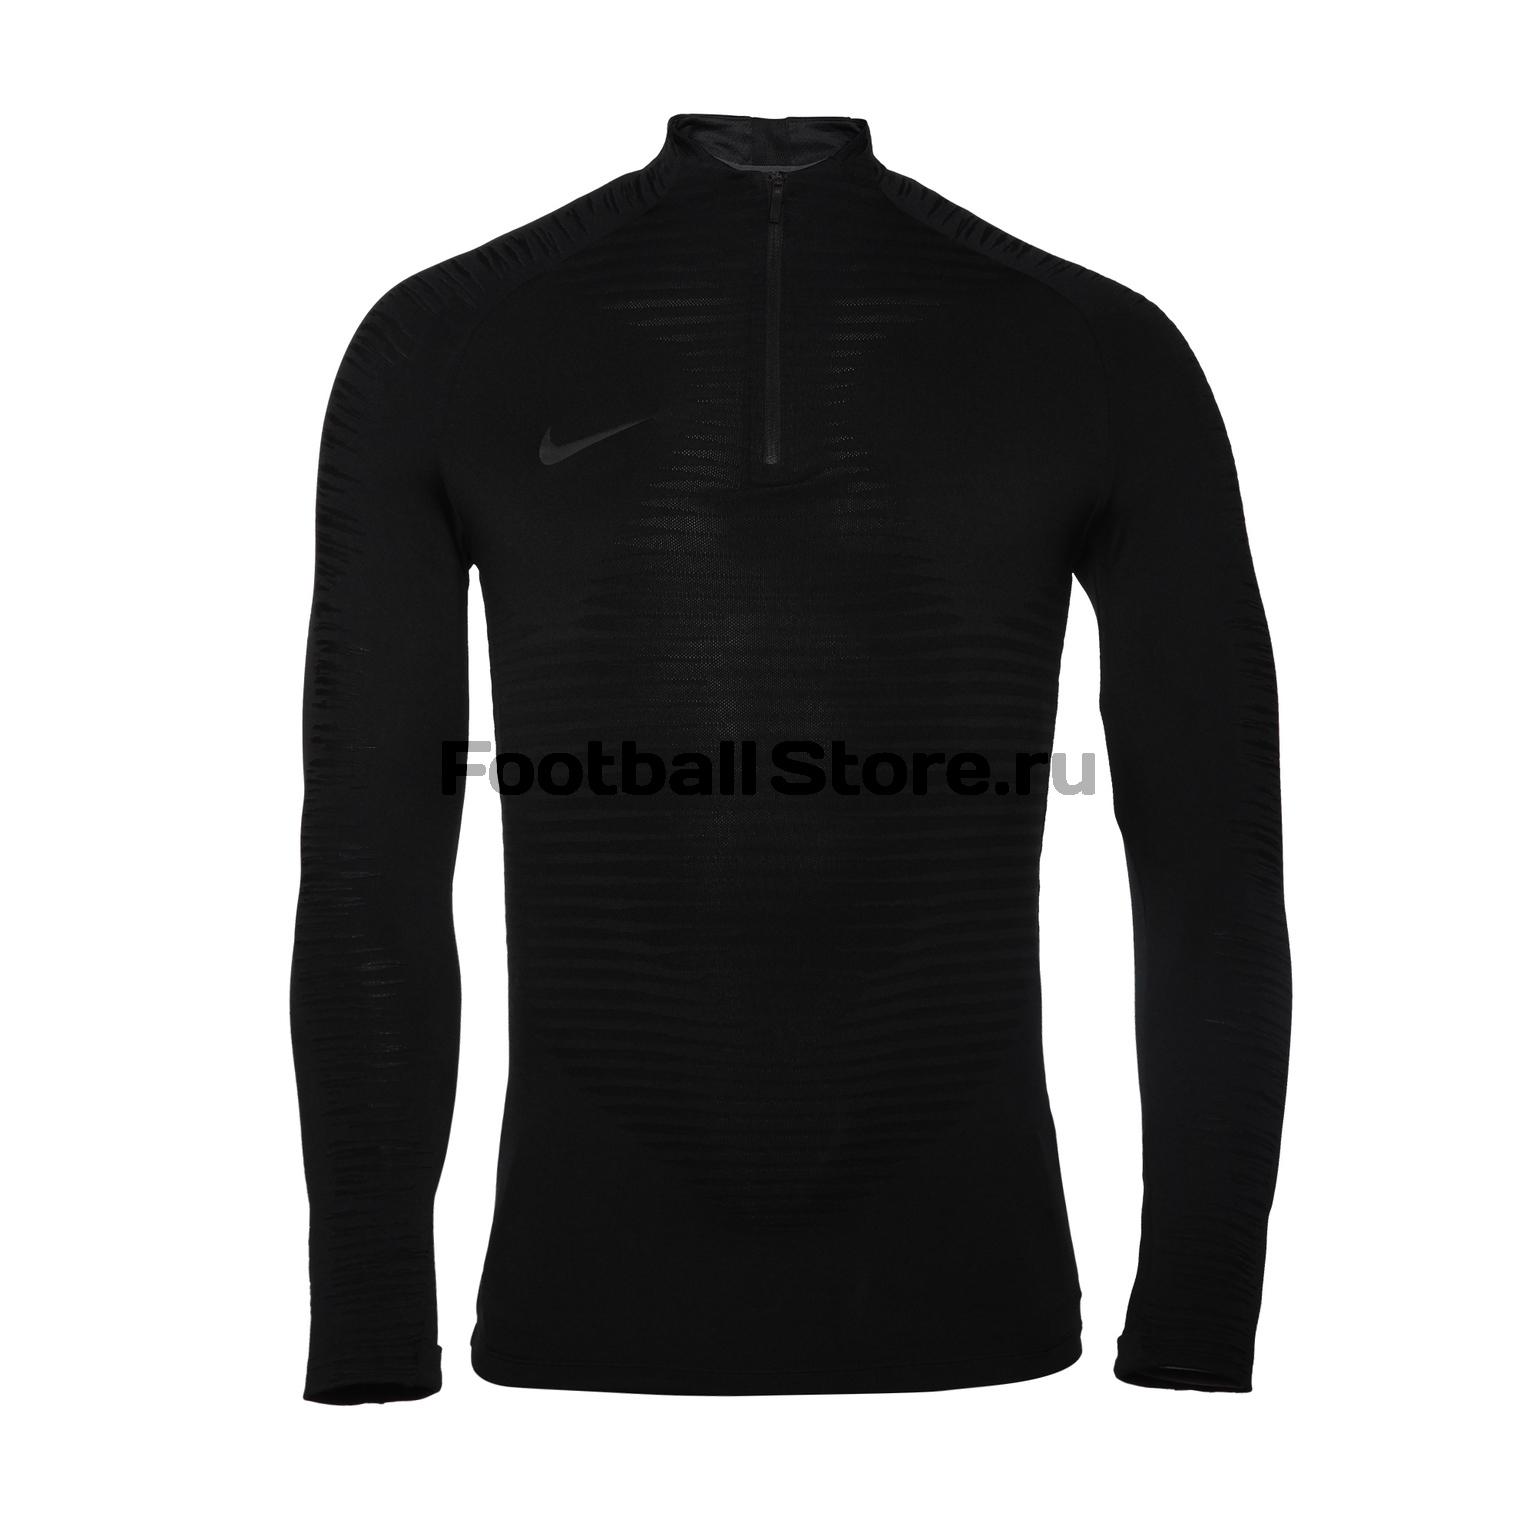 где купить Свитер тренировочный Nike Vapor 892707-010 дешево